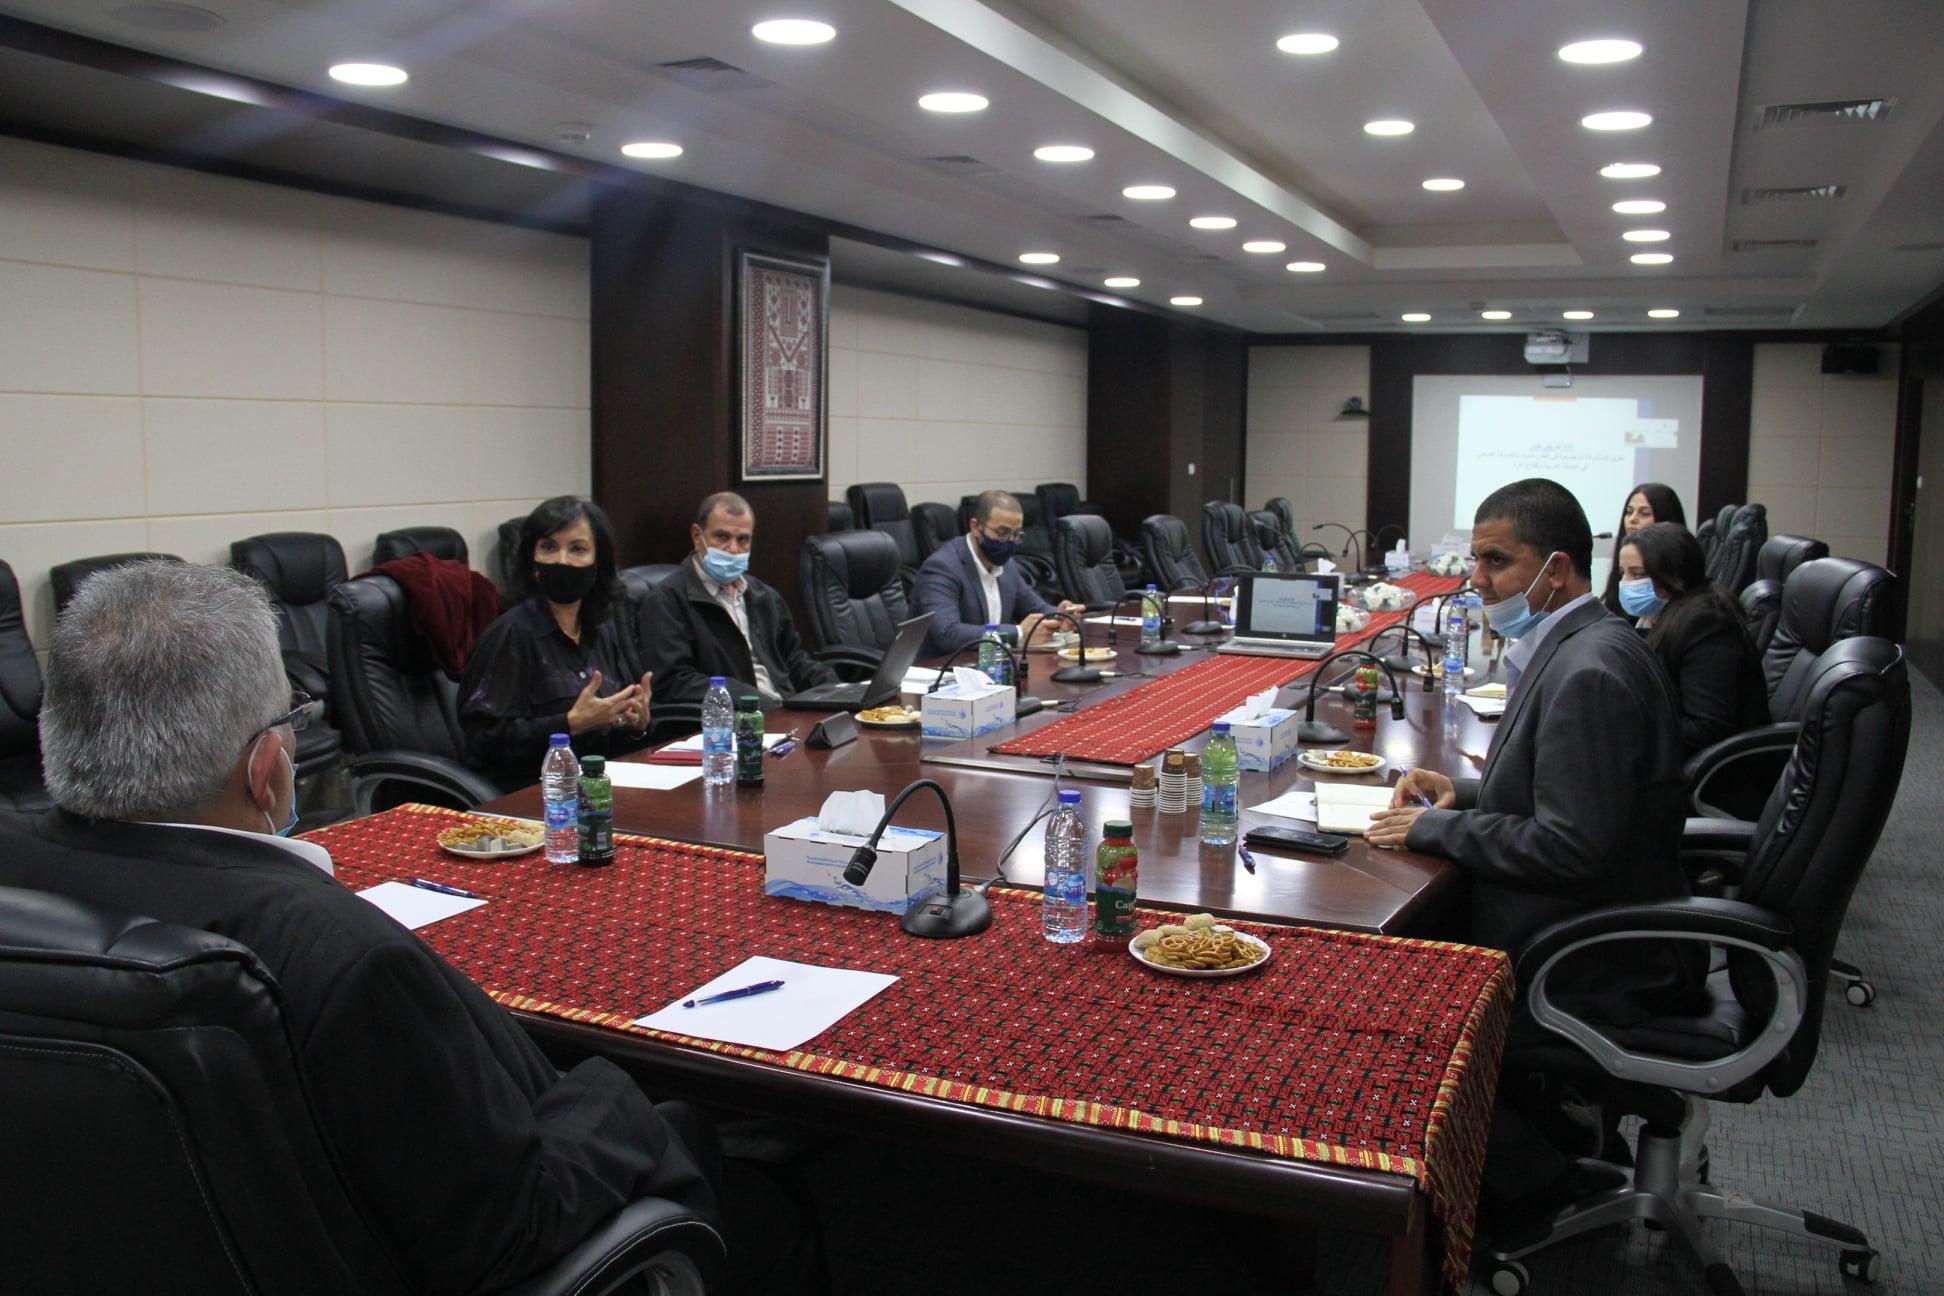 عقد لقاء لبحث آليات تعزيز المشاركة المجتمعية في قطاع المياه والصرف الصحي